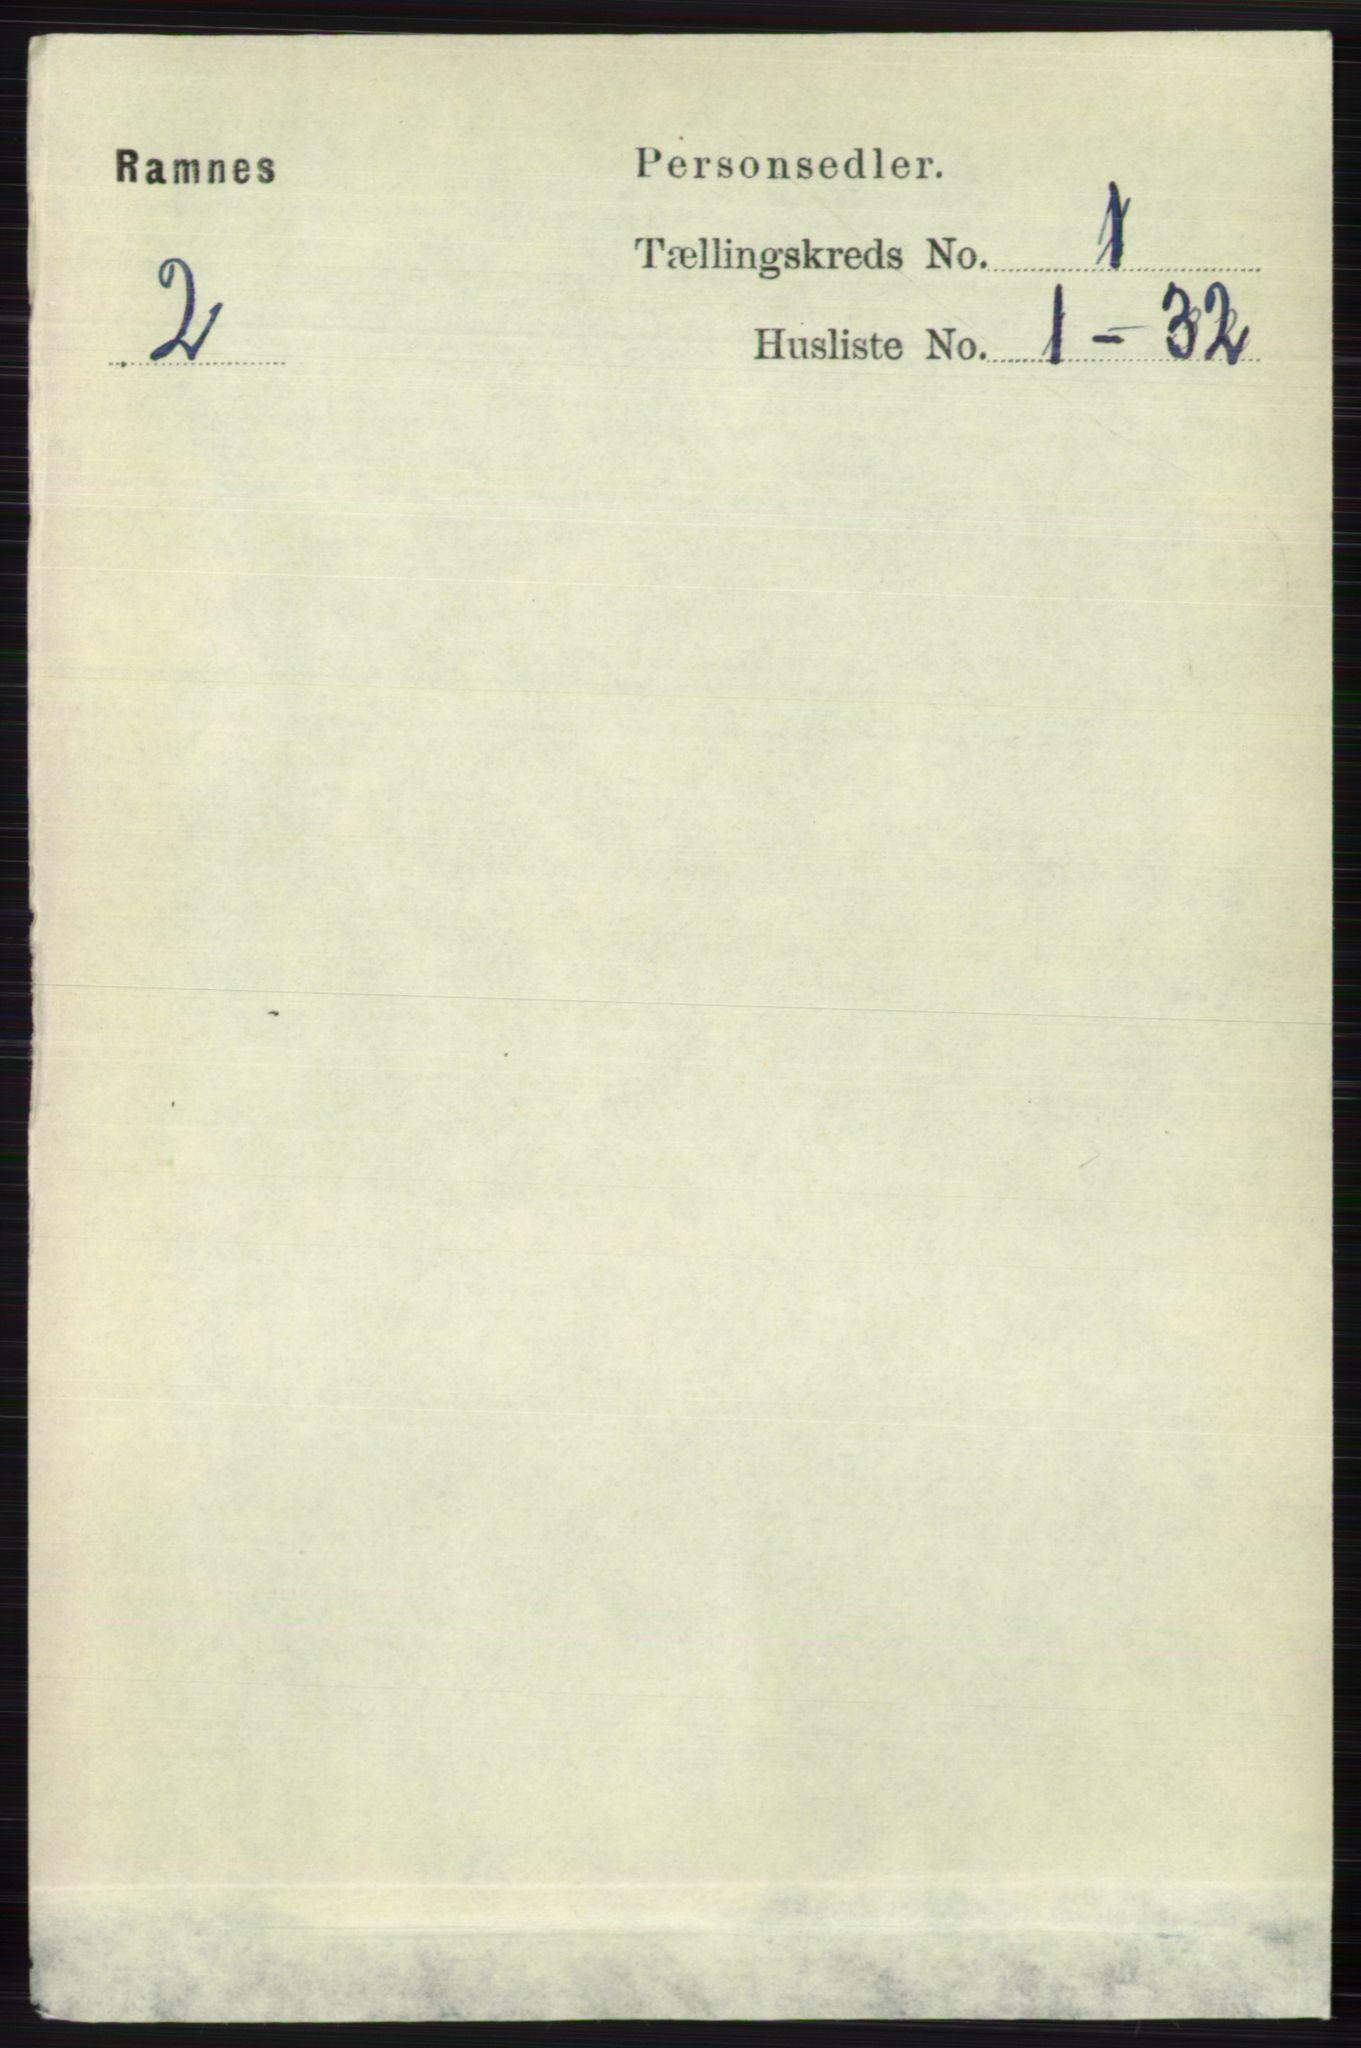 RA, Folketelling 1891 for 0718 Ramnes herred, 1891, s. 92